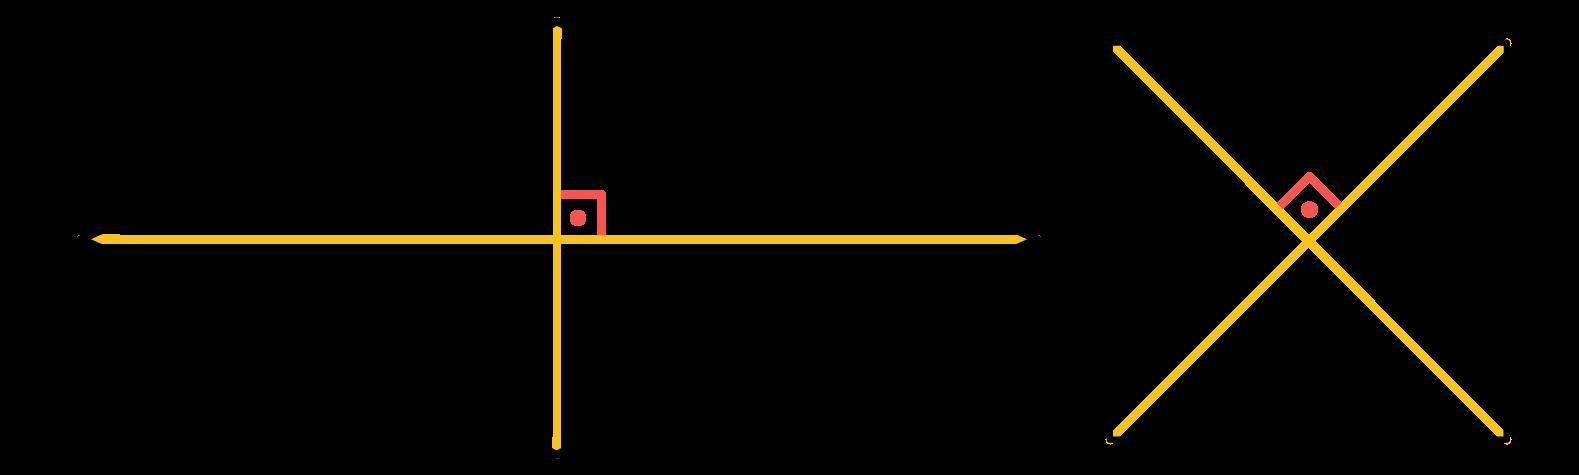 diagonais do quadrado são perpendiculares